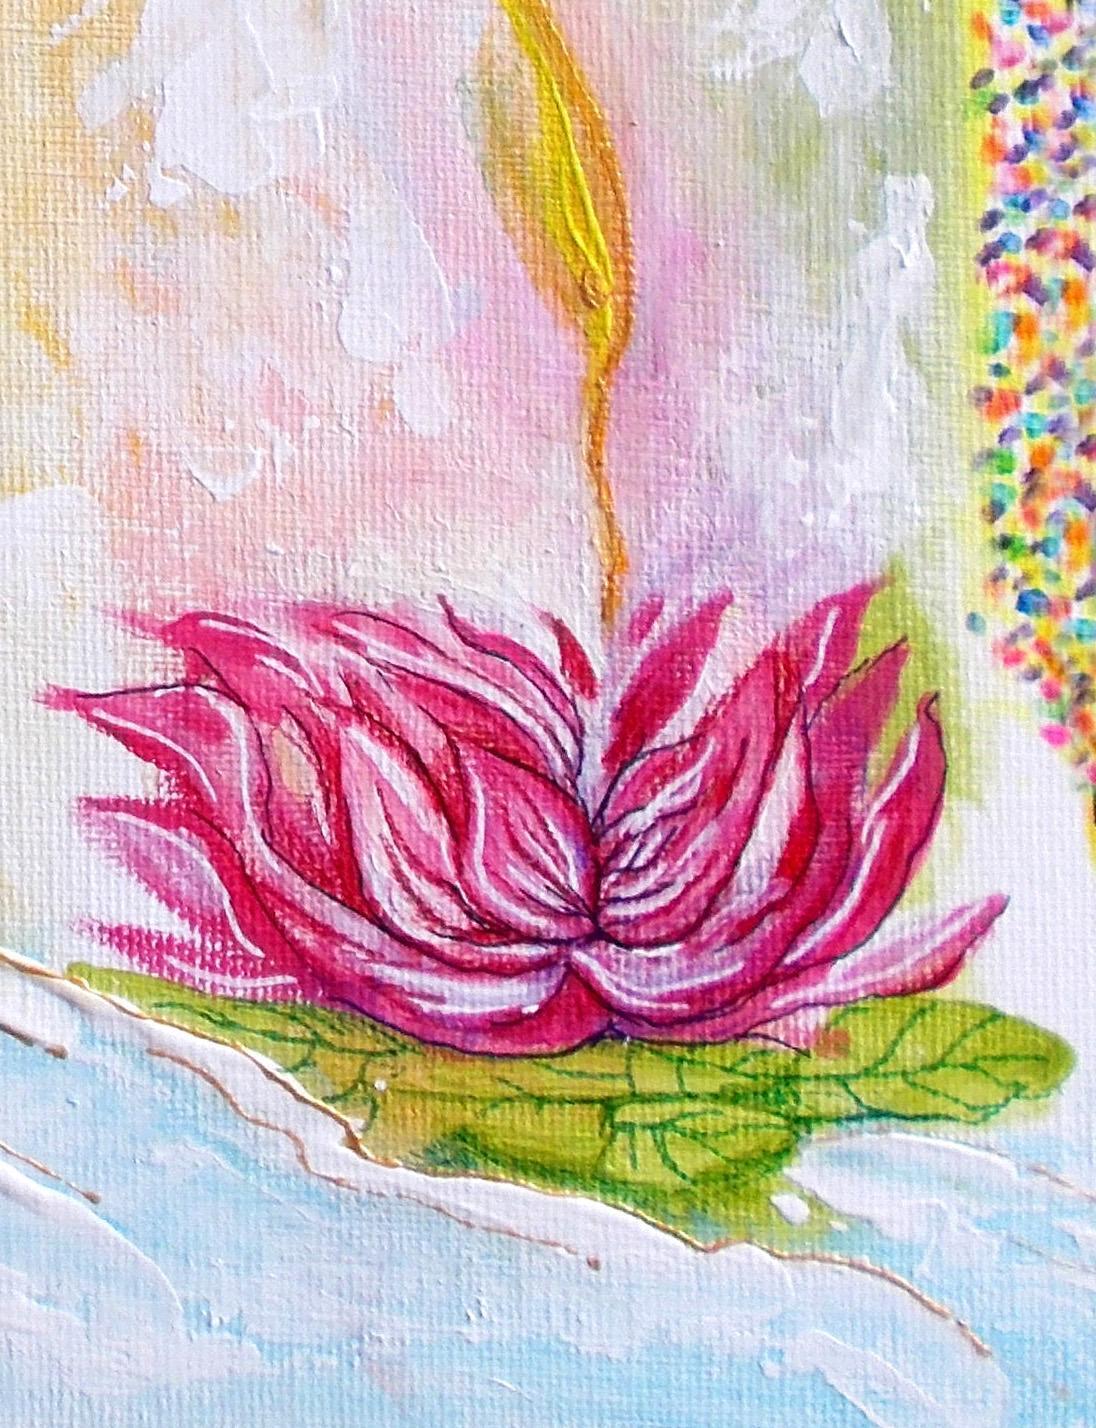 troc de troc peinture vibratoire image 1